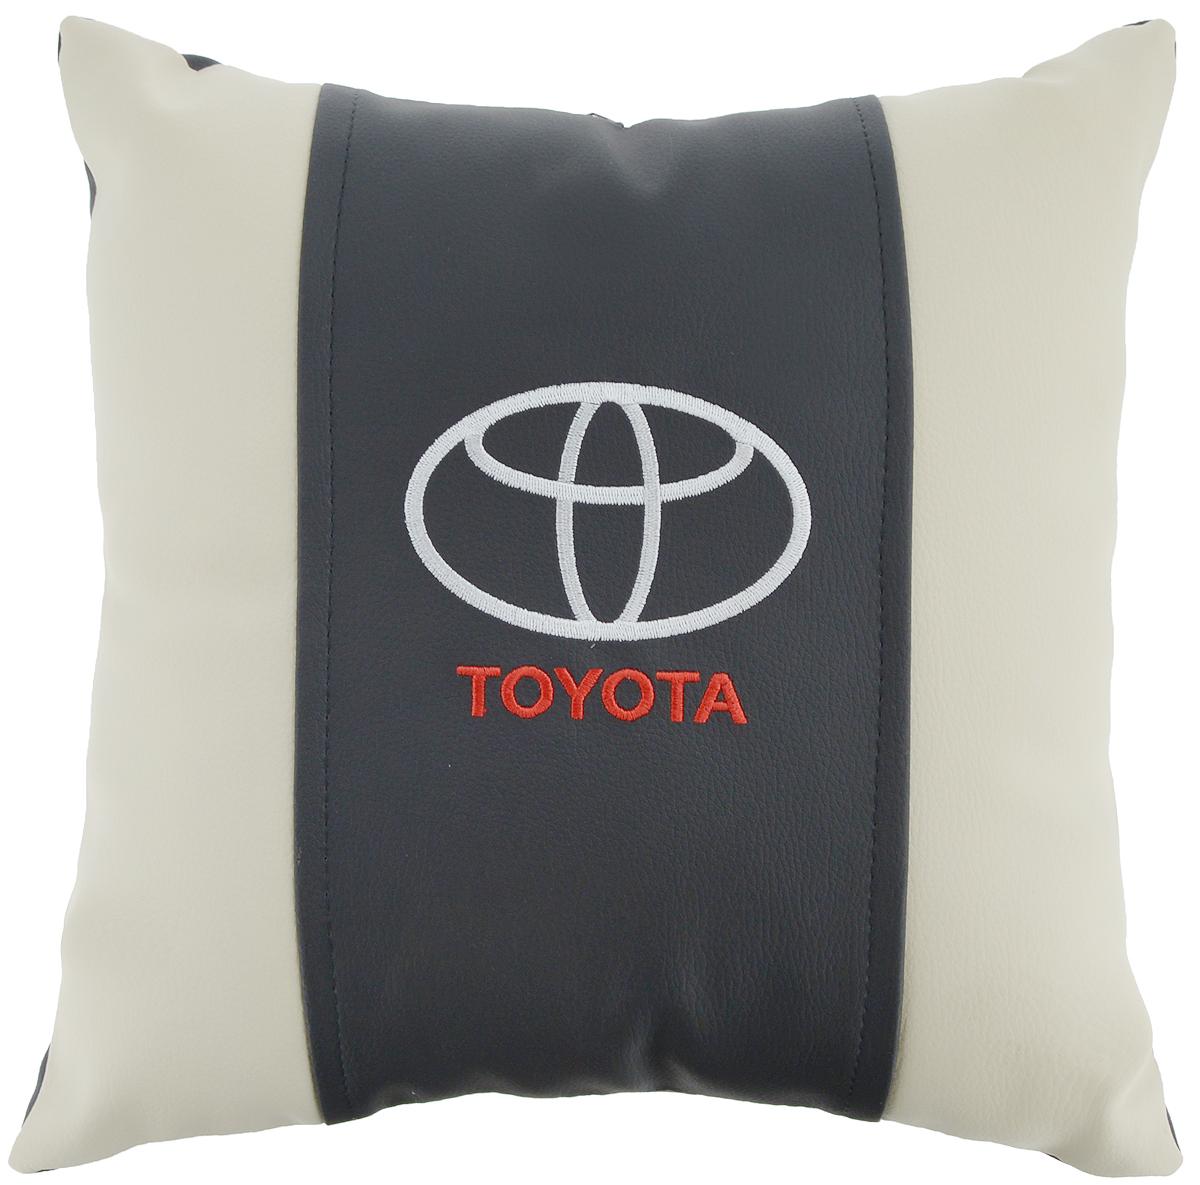 Подушка на сиденье Autoparts Toyota, 30 х 30 смМ052Подушка на сиденье Autoparts Toyota создана для тех, кто весь свой день вынужден проводить за рулем. Чехол выполнен из высококачественной дышащей экокожи. Наполнителем служит холлофайбер. На задней части подушки имеется змейка. Особенности подушки: - Хорошо проветривается. - Предупреждает потение. - Поддерживает комфортную температуру. - Обминается по форме тела. - Улучшает кровообращение. - Исключает затечные явления. - Предупреждает развитие заболеваний, связанных с сидячим образом жизни. Подушка также будет полезна и дома - при работе за компьютером, школьникам - при выполнении домашних работ, да и в любимом кресле перед телевизором.